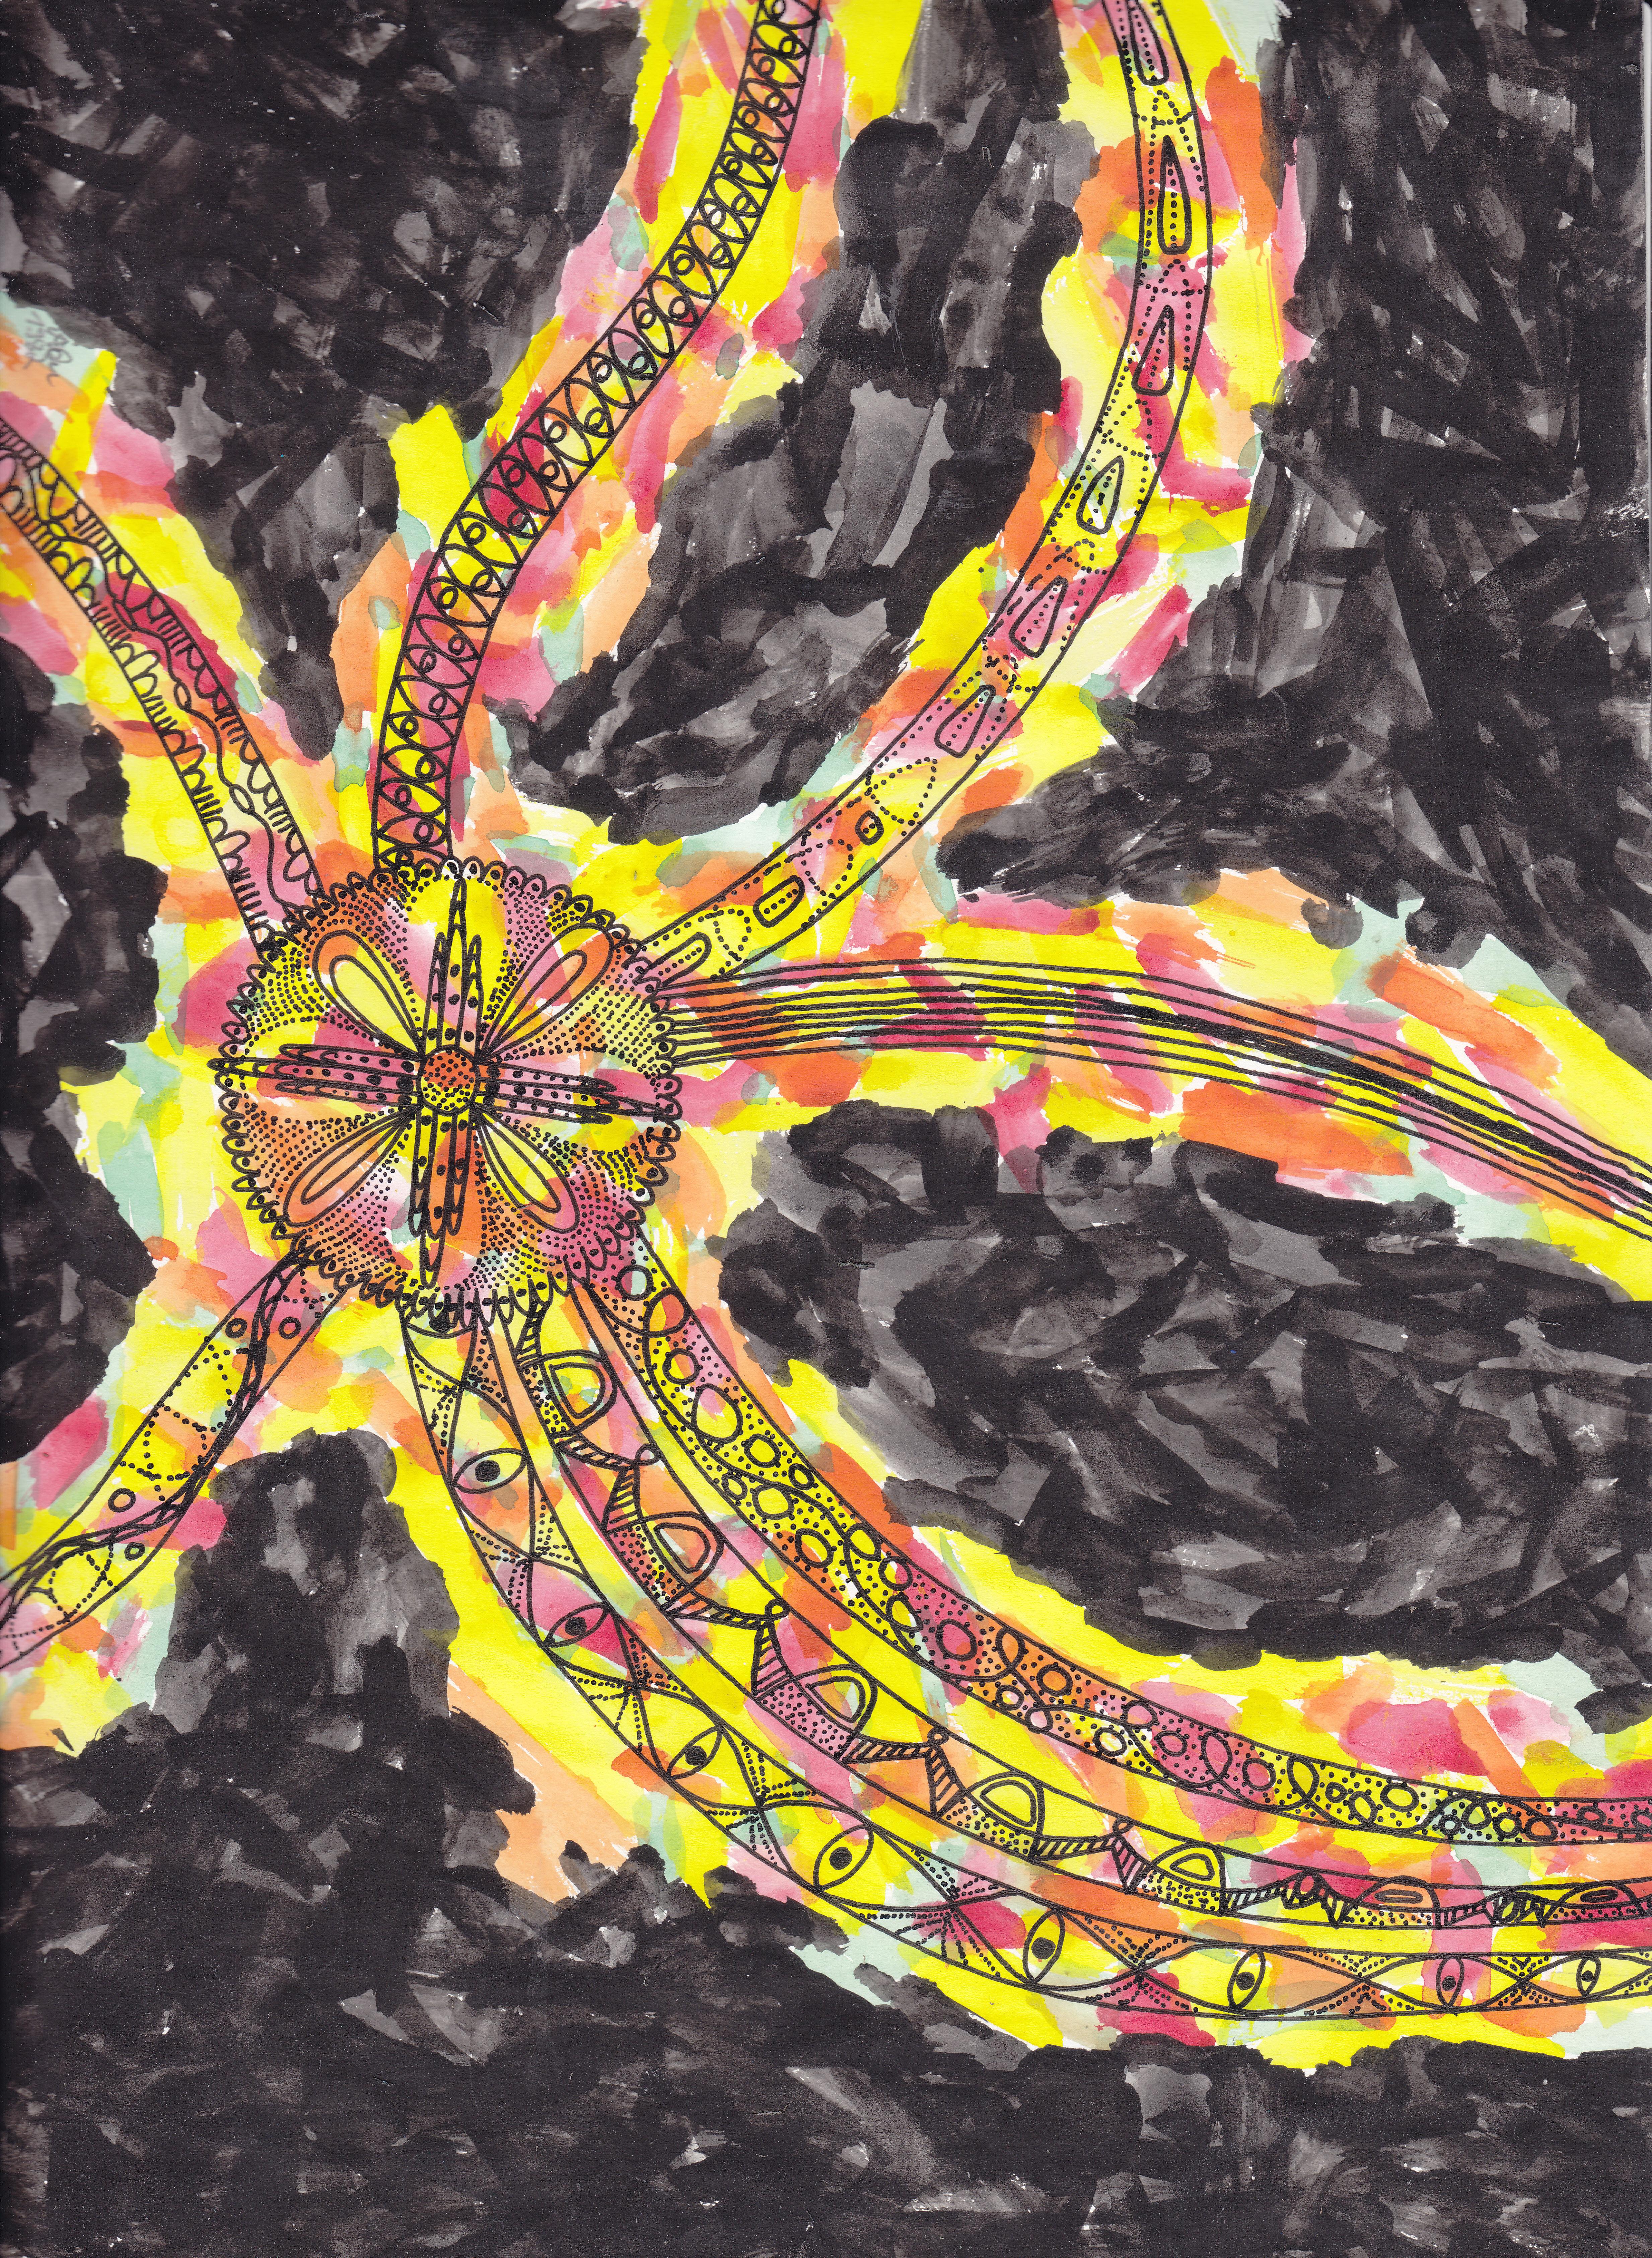 Krakenmuster 2; Tusche, Wasserfarben; 1981; imachd.